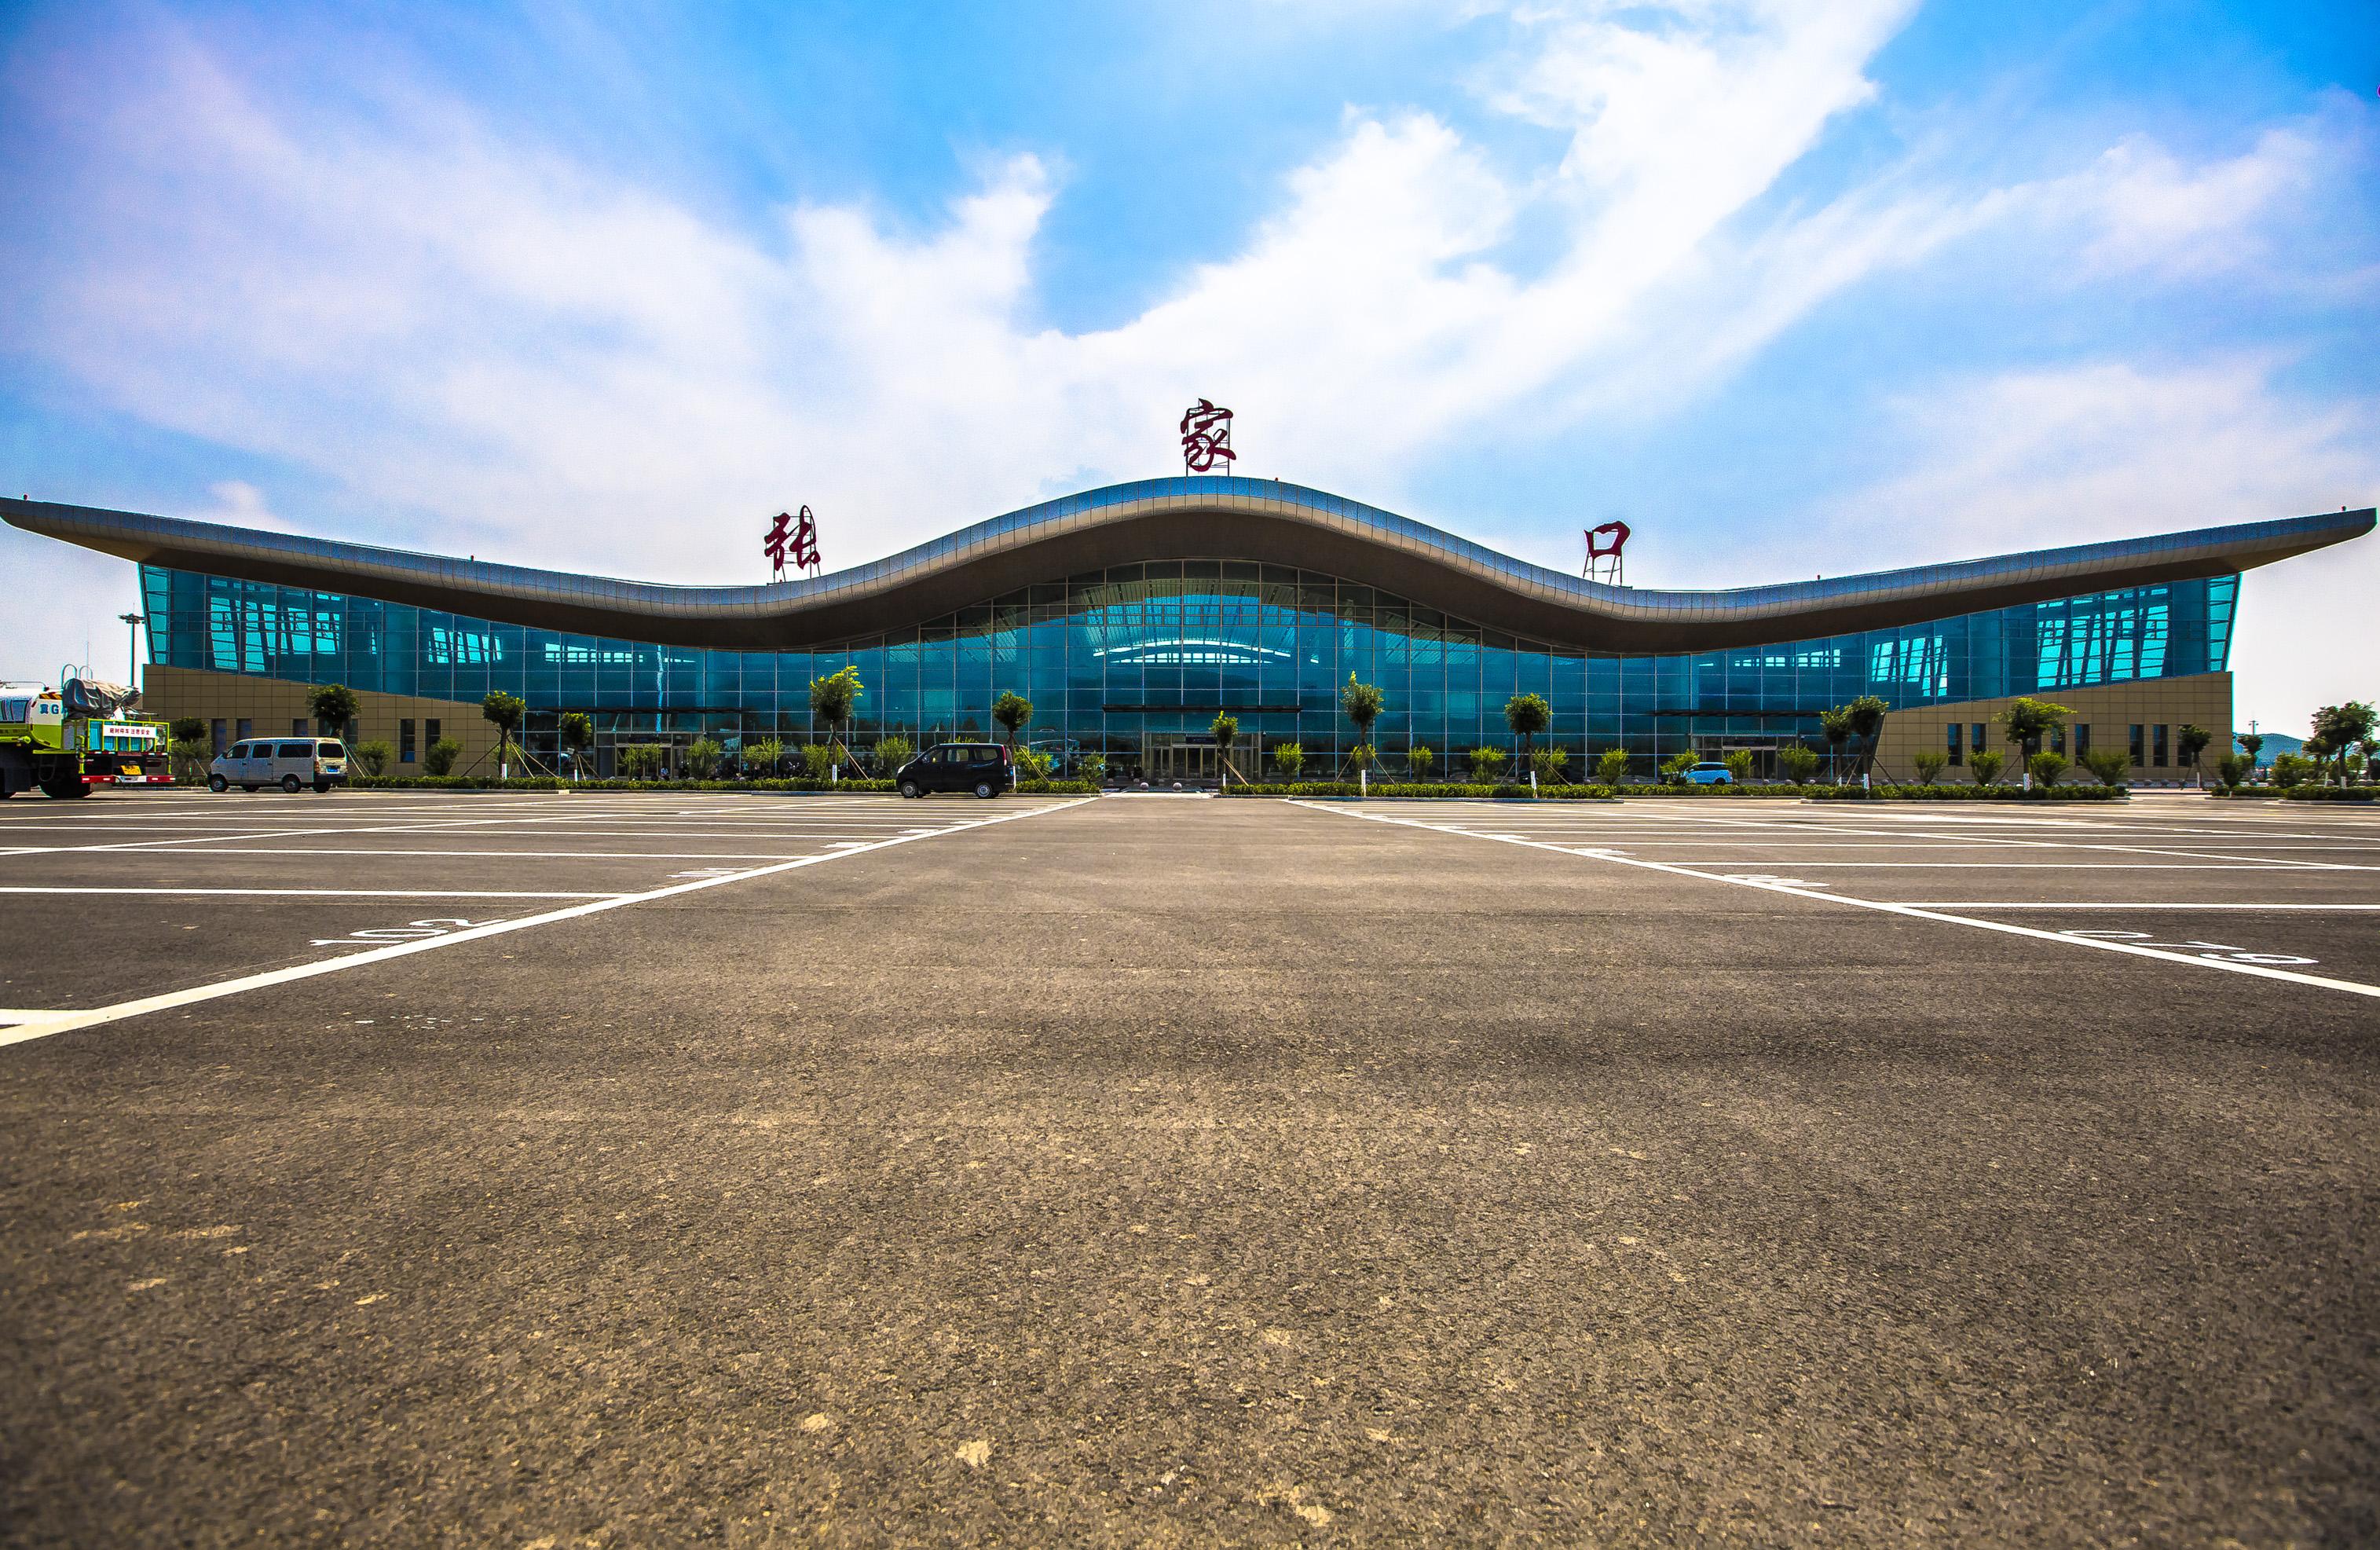 张家口宁远机场2号航站楼正式启用,将为冬奥会提供保障服务